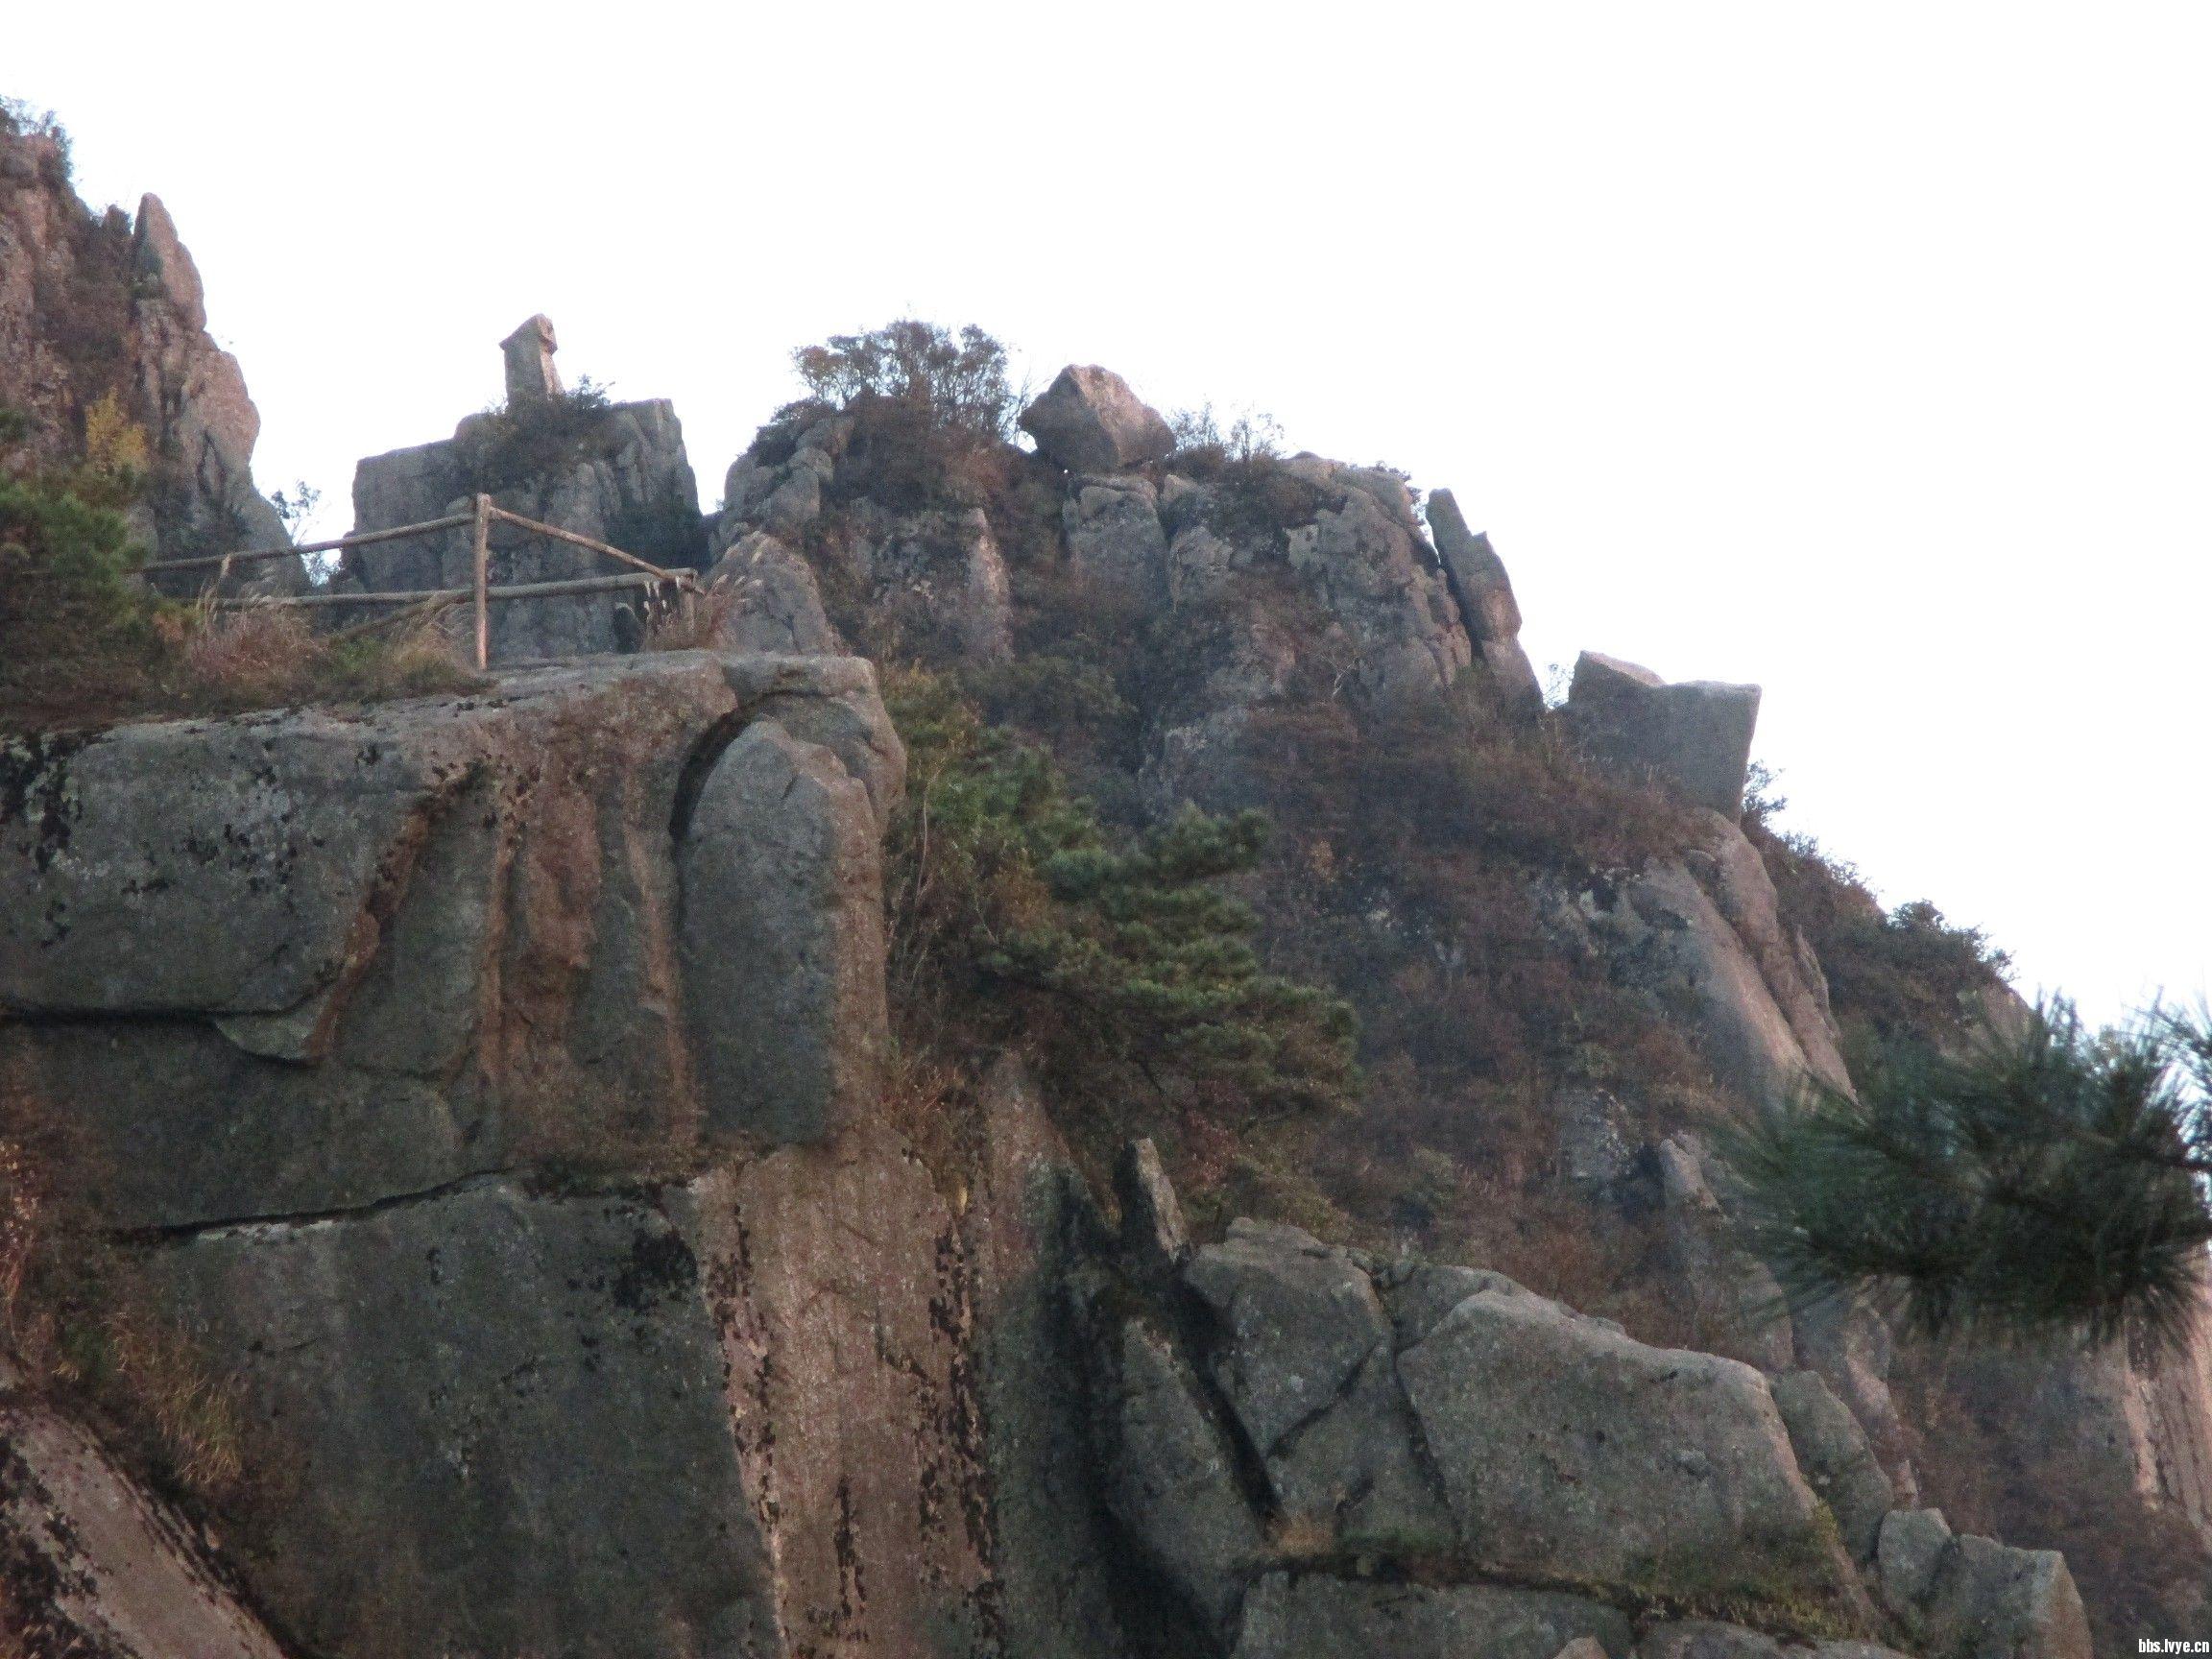 武功山 69 羊狮幕明月山景3  国军   好风景,建议,每层楼放3张相片